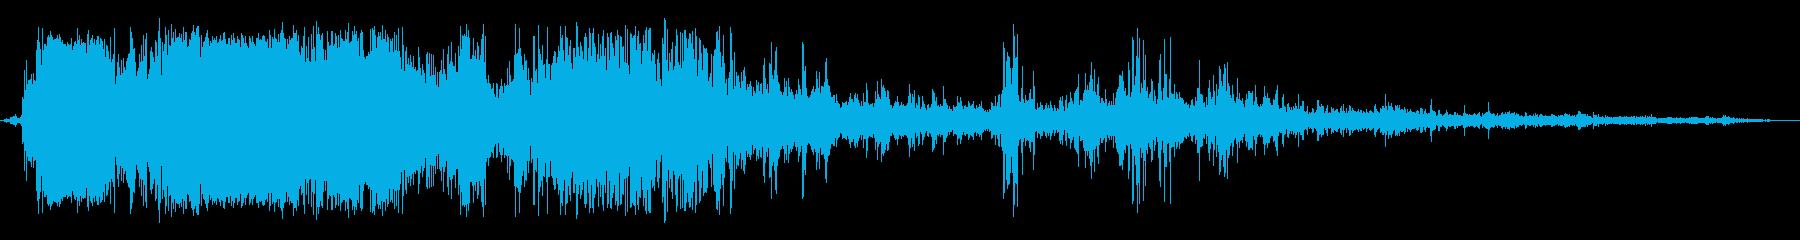 ビッグ・ローリング・サンダー・ラン...の再生済みの波形